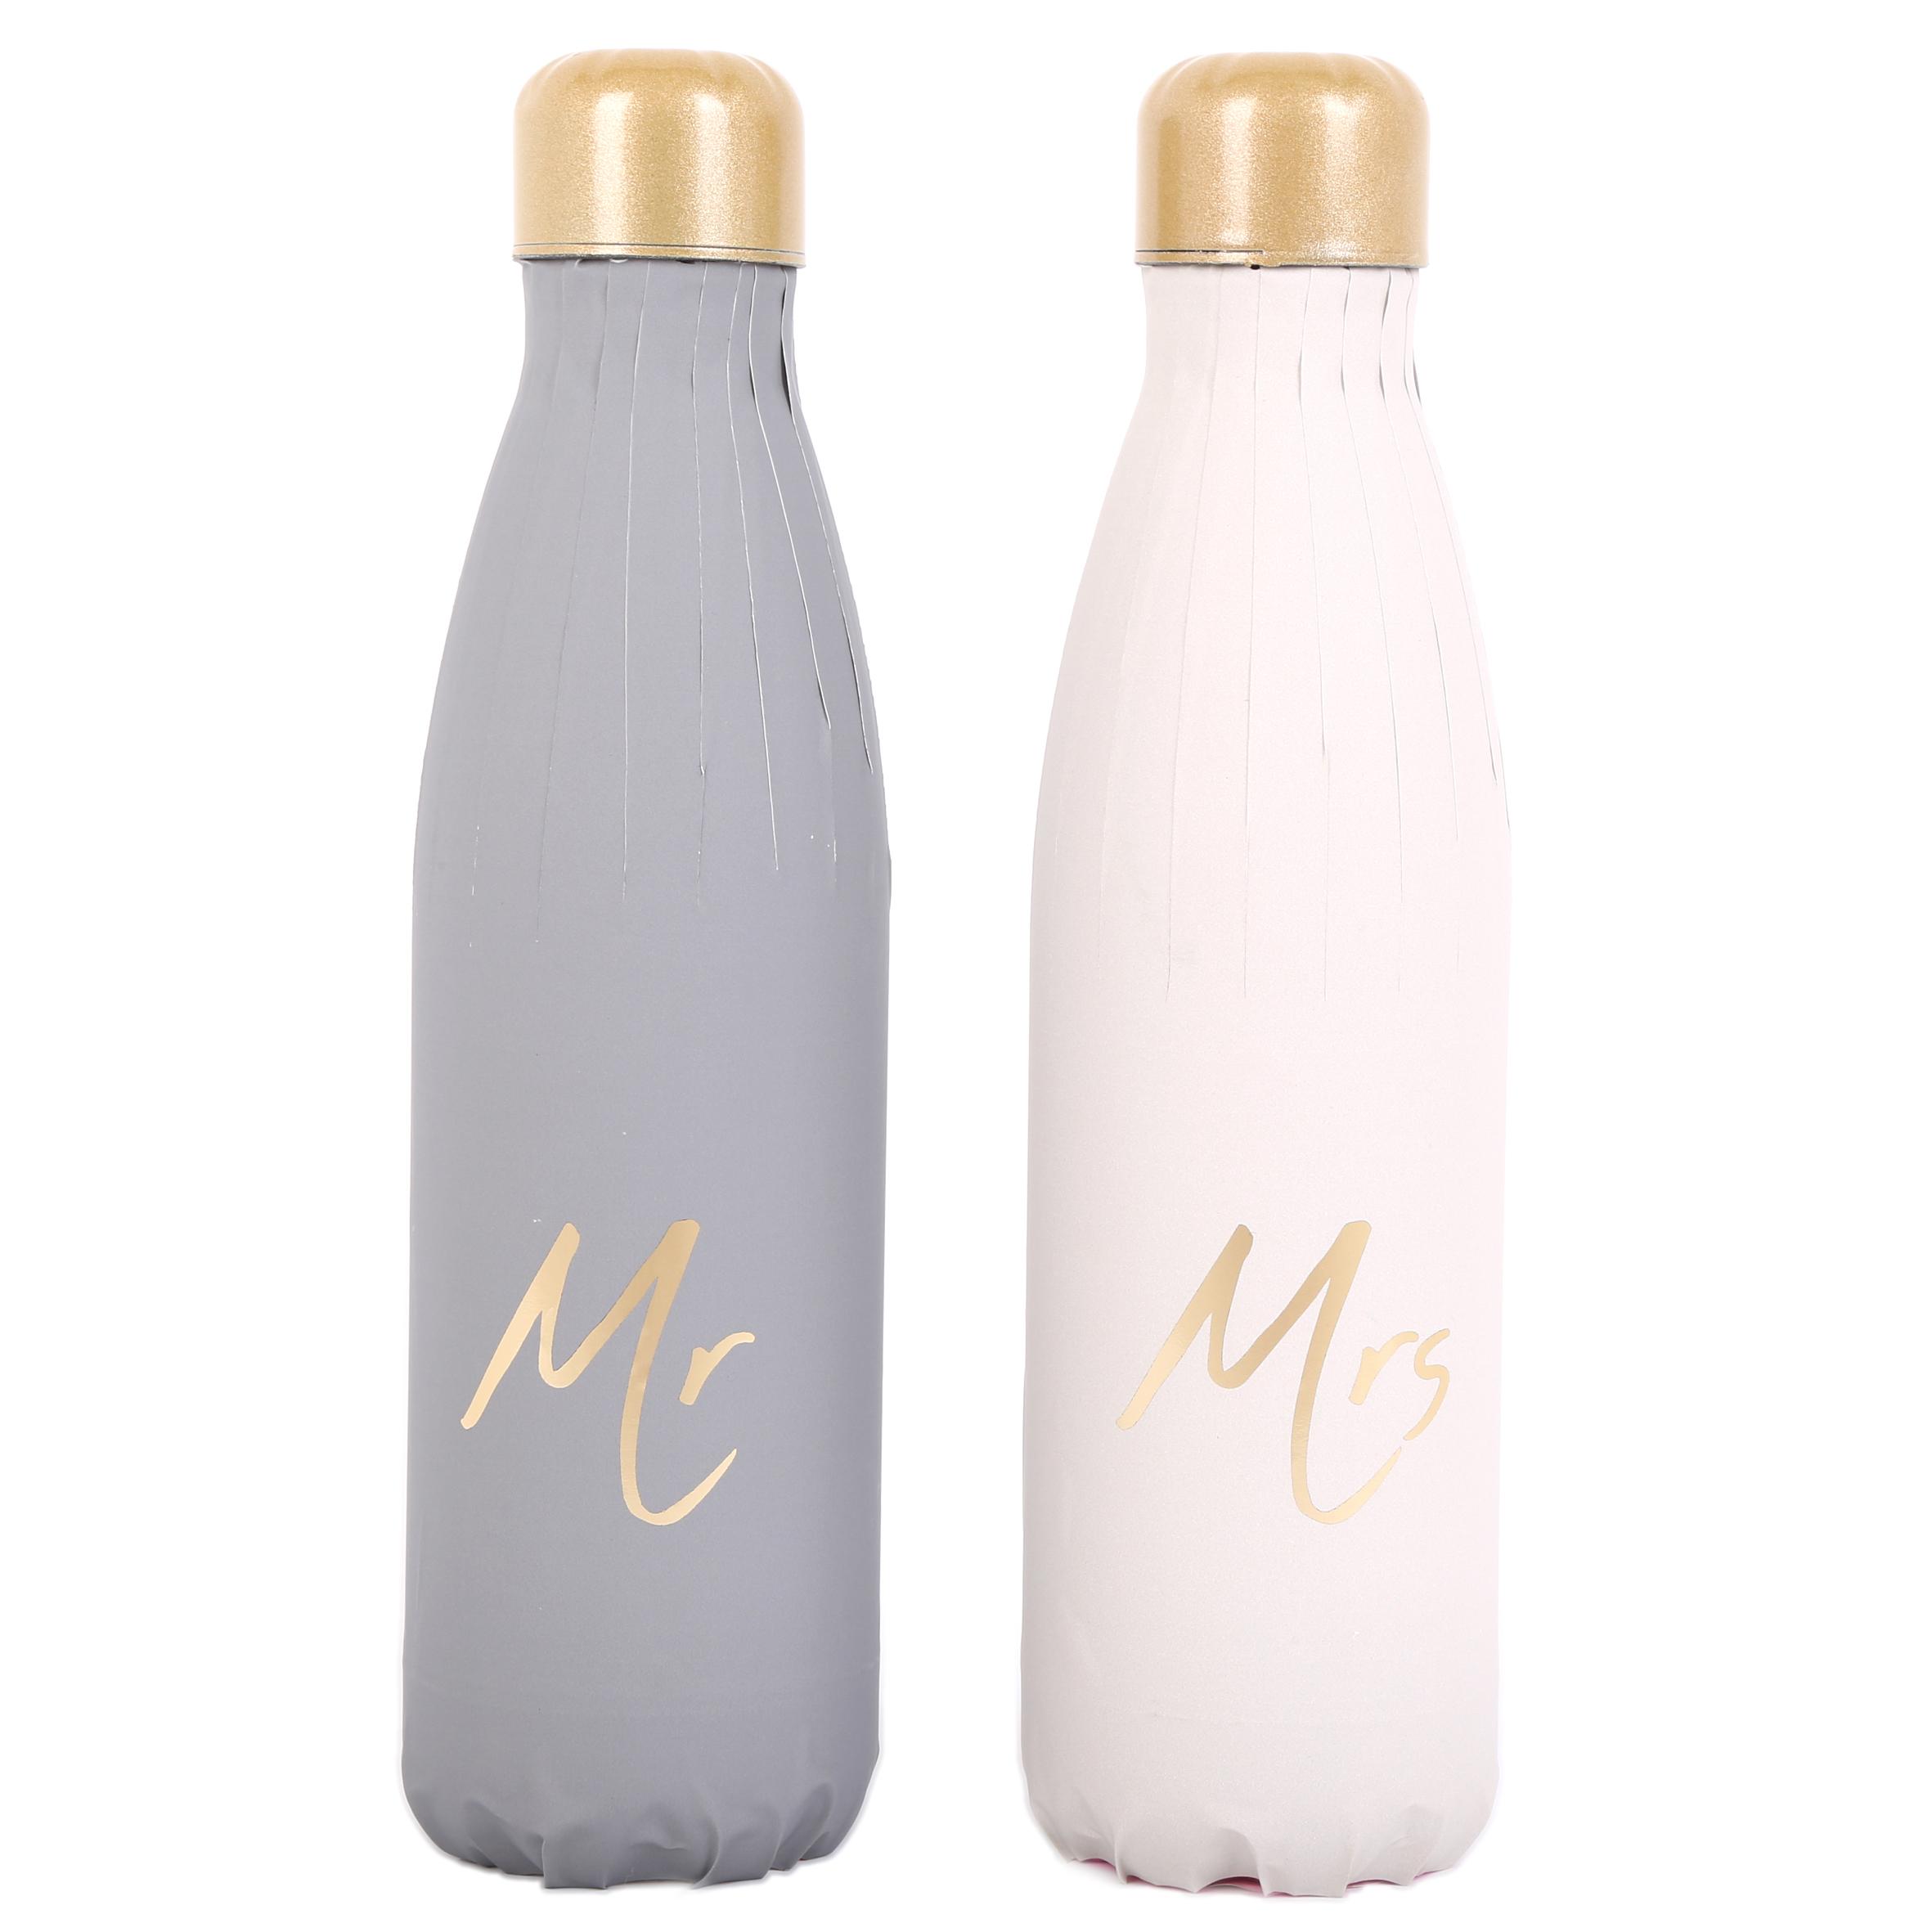 2 bouteilles isothermes design \'Mr & Mrs\' gris blanc - 25x5 cm (500 ml) - [A2905]